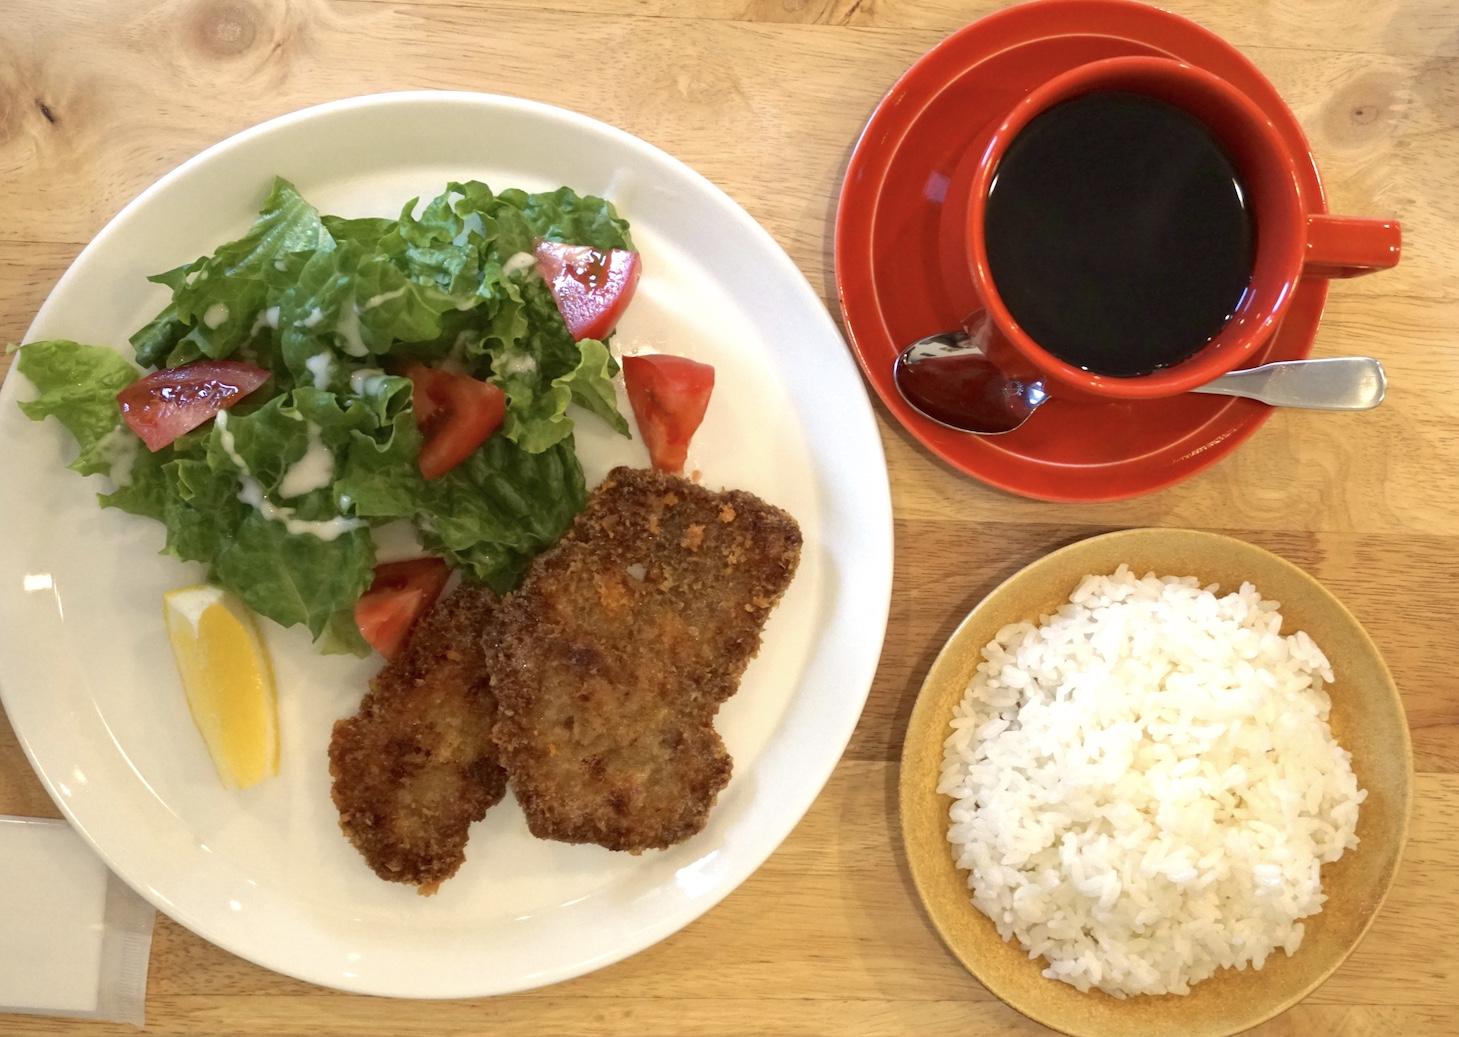 釧路の『cafe fika』は大人も子どもも集まりたくなるくつろぎの空間だった